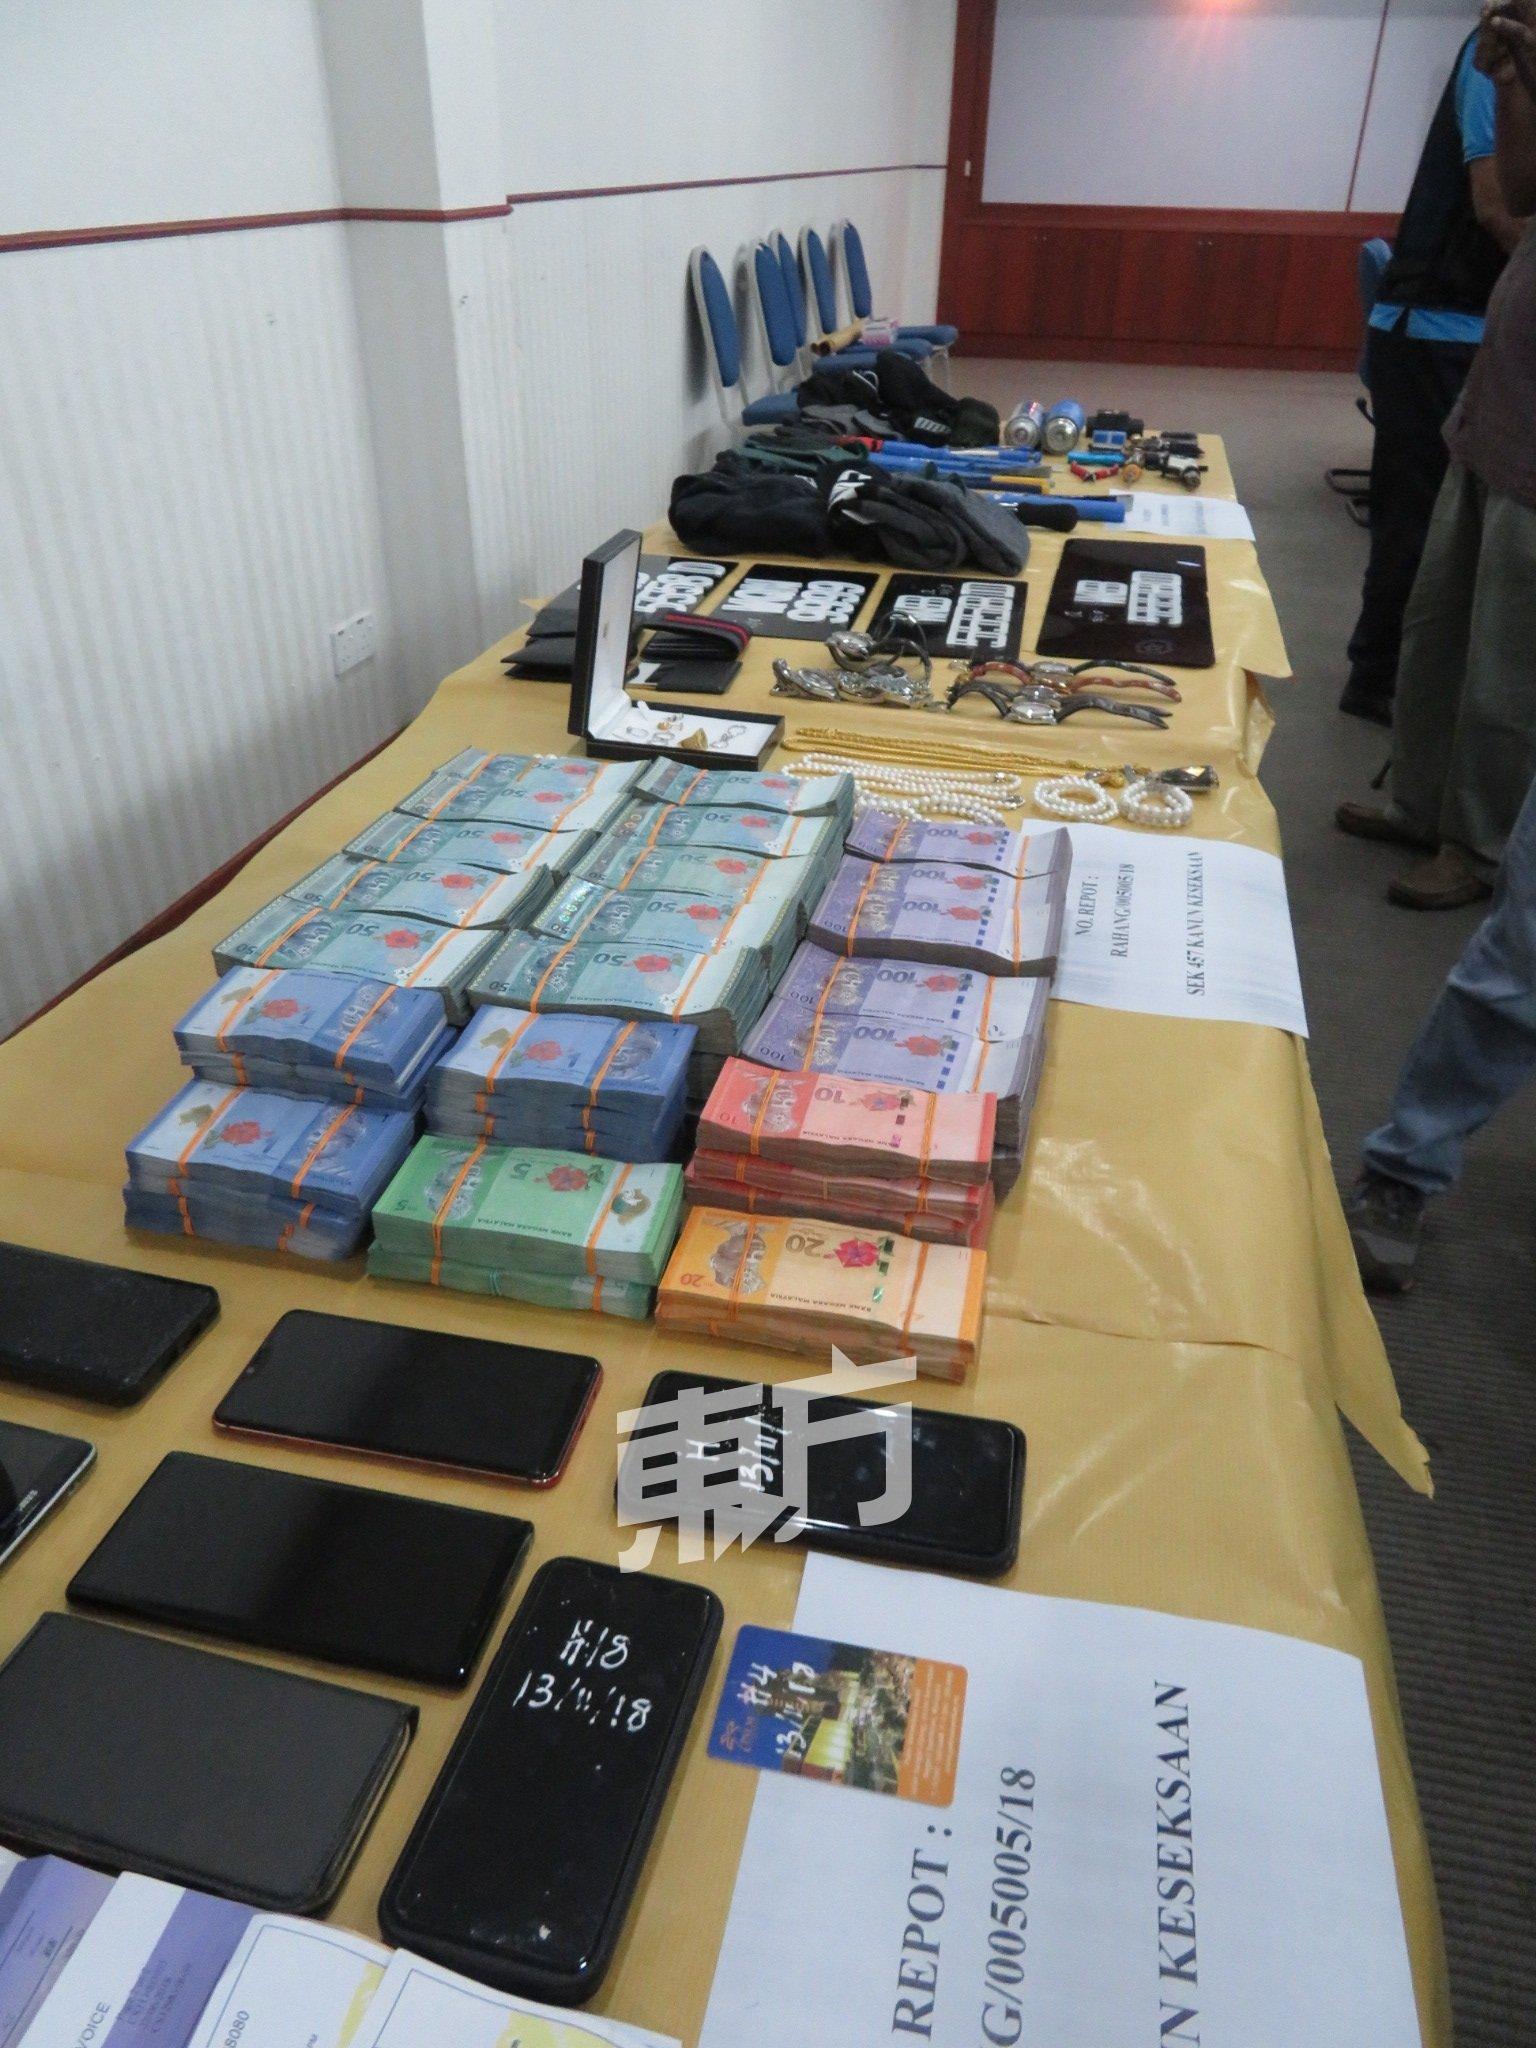 警方在酒店及嫌犯使用的轿车内起获逾51万令吉现金。